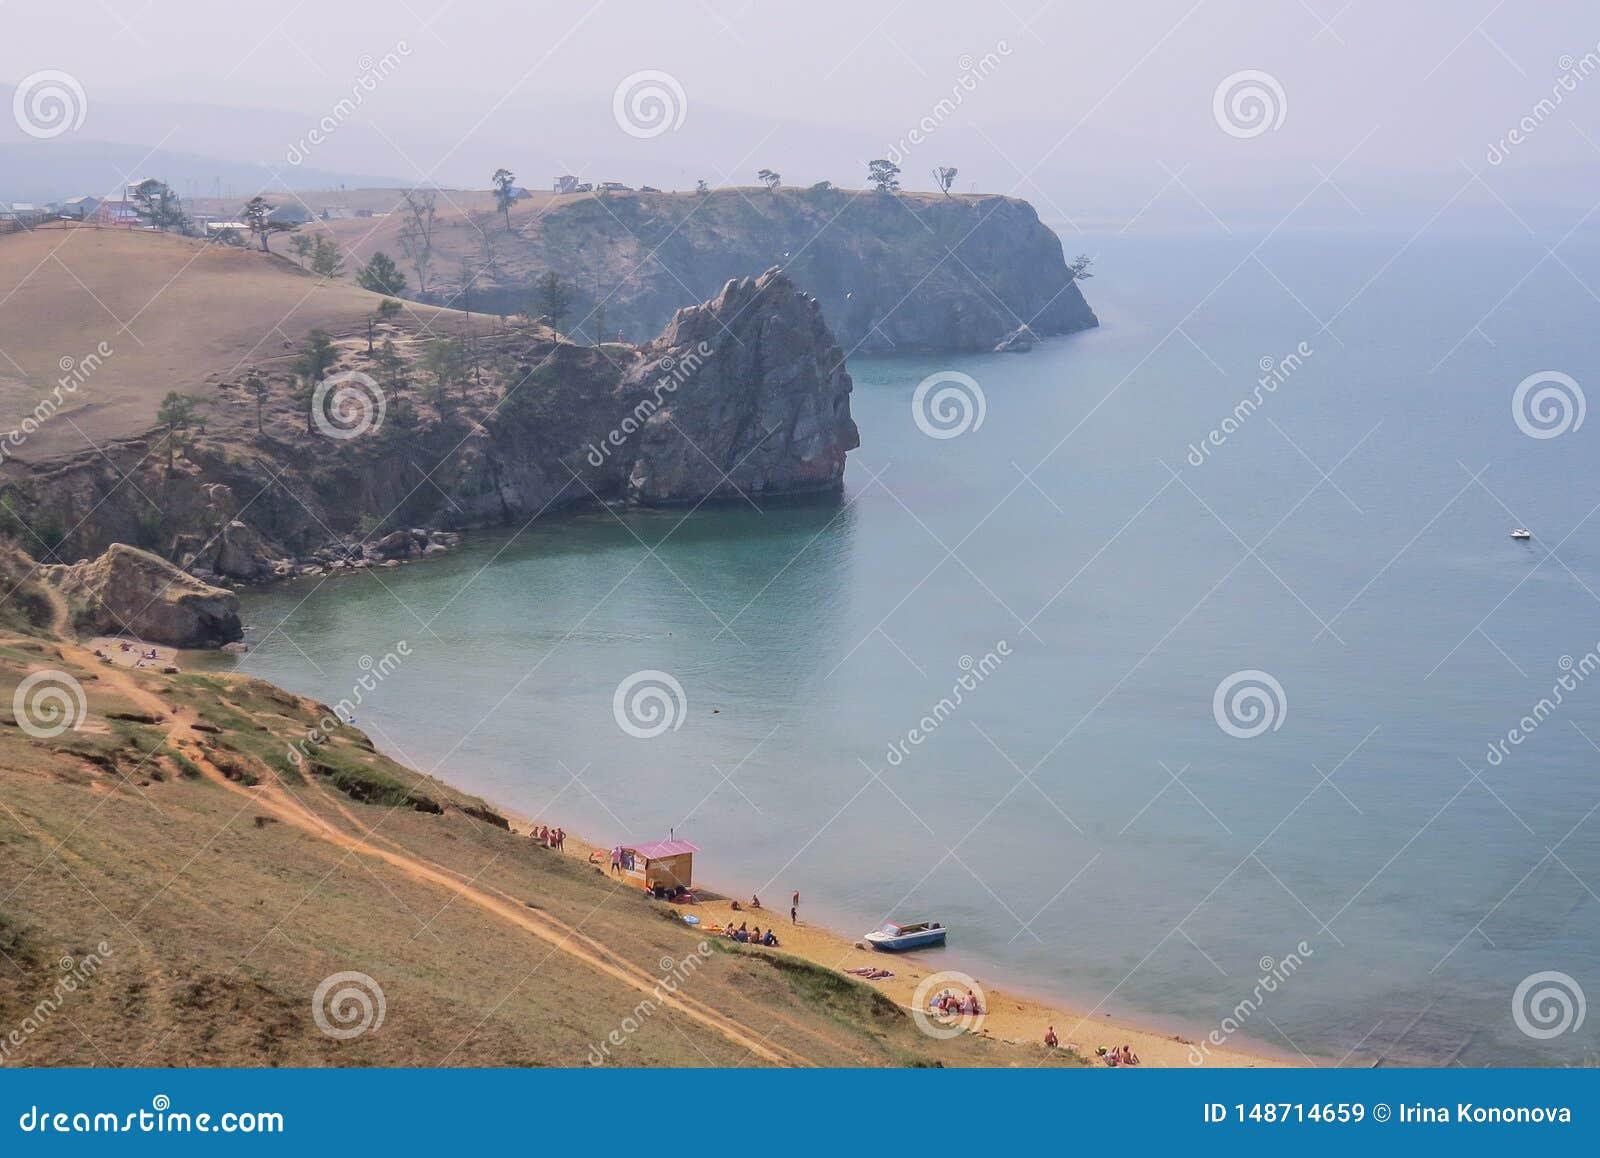 See Baikal Olkhon Insel Dorf Khuzhir Kleiner Strand